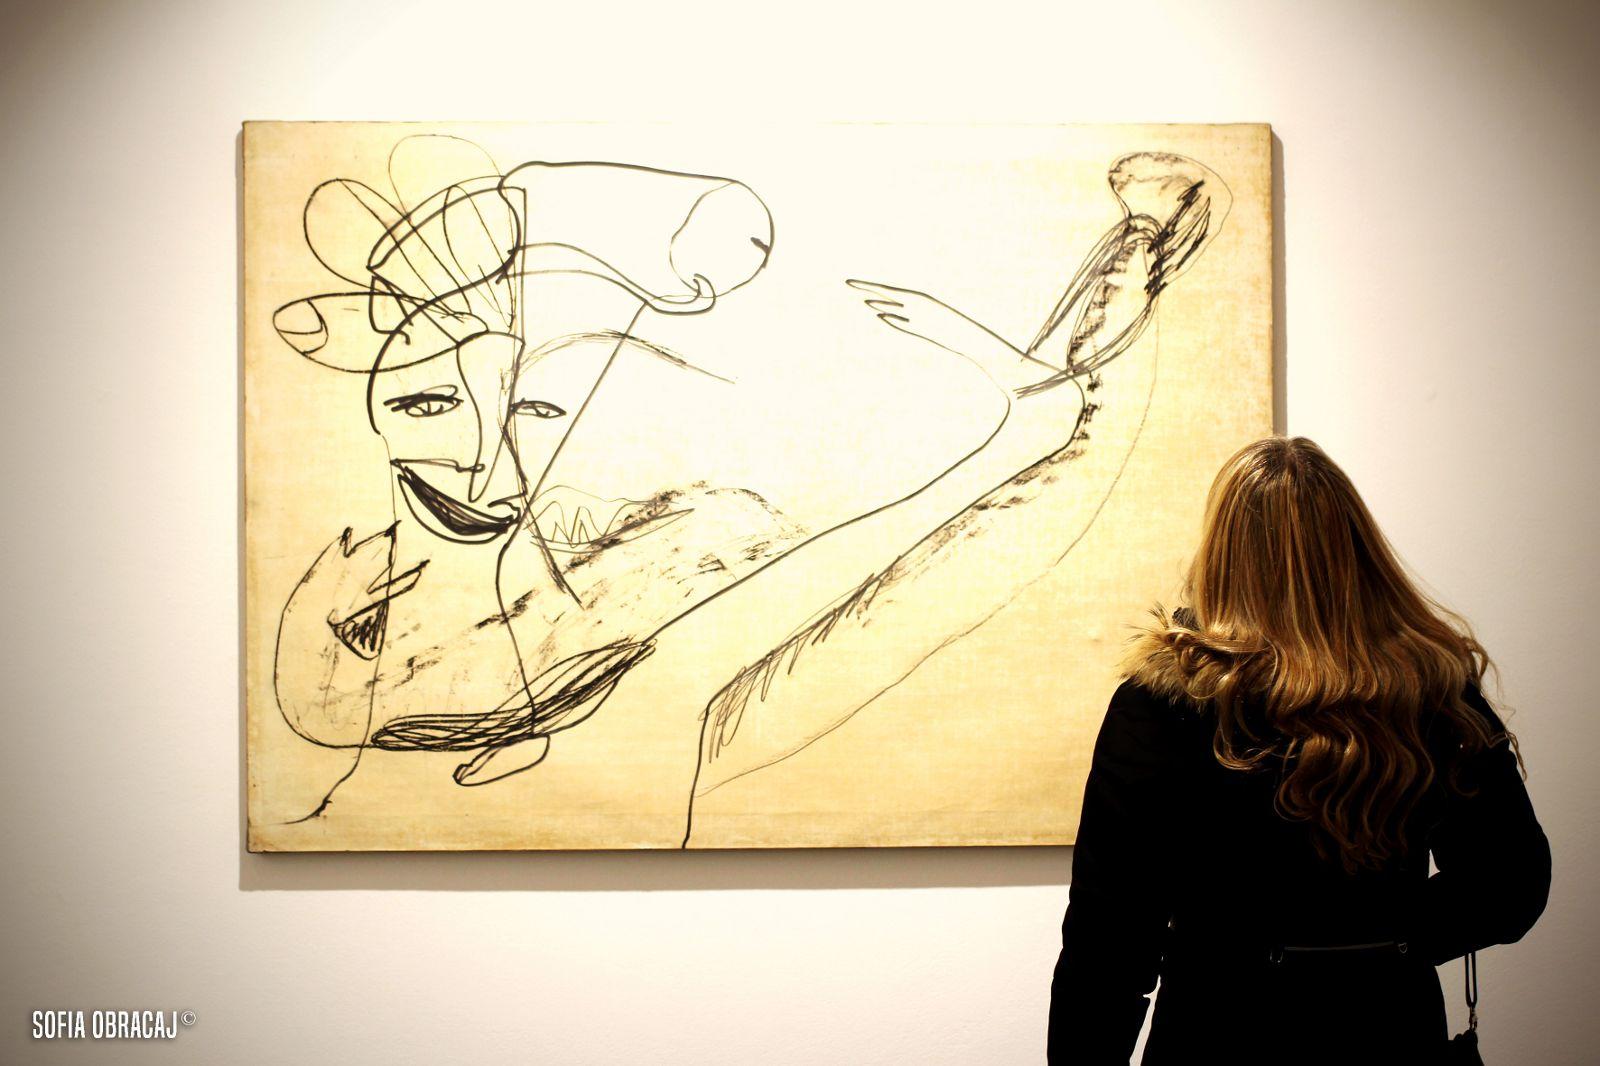 Visita alla mostra di Martin Disler, opera realizzata a grafite e pennarello su carta intelaiata, 1981. Ph. Sofia Obracaj